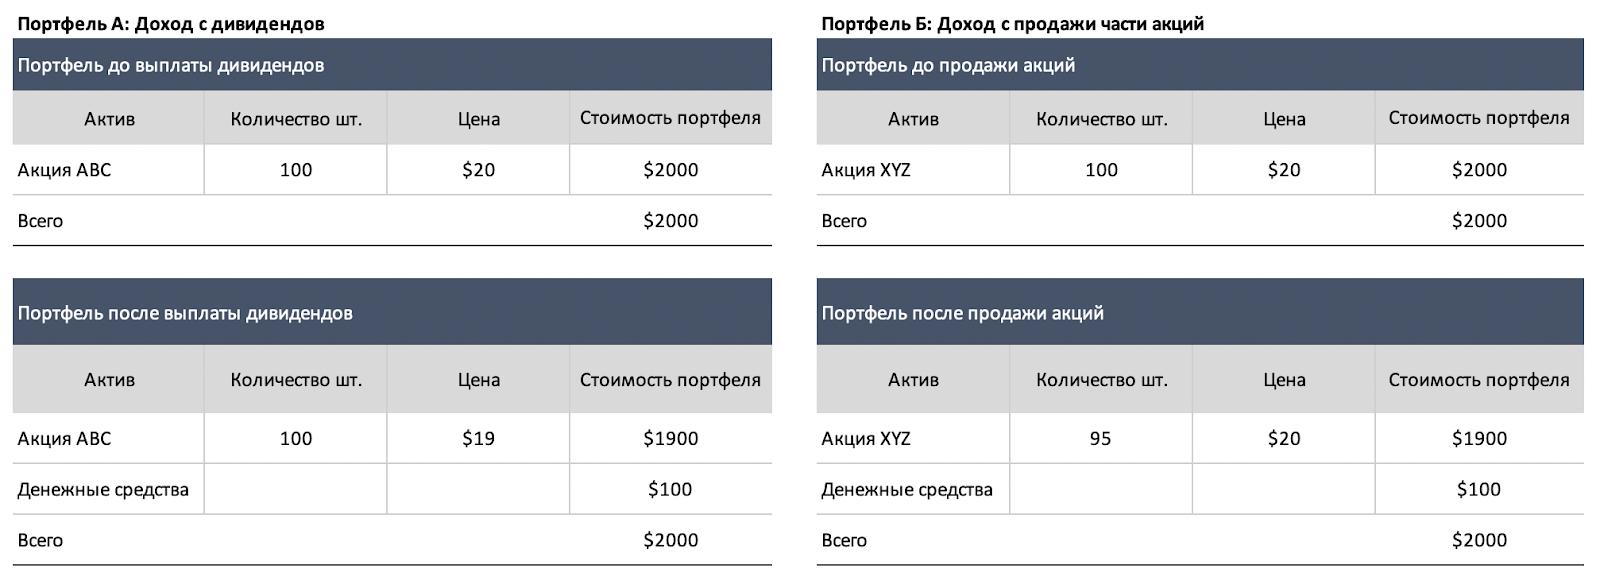 Сравнение способов формирования инвестиционного дохода с помощью дивидендов (портфель А) и продажи части портфеля (портфель Б)